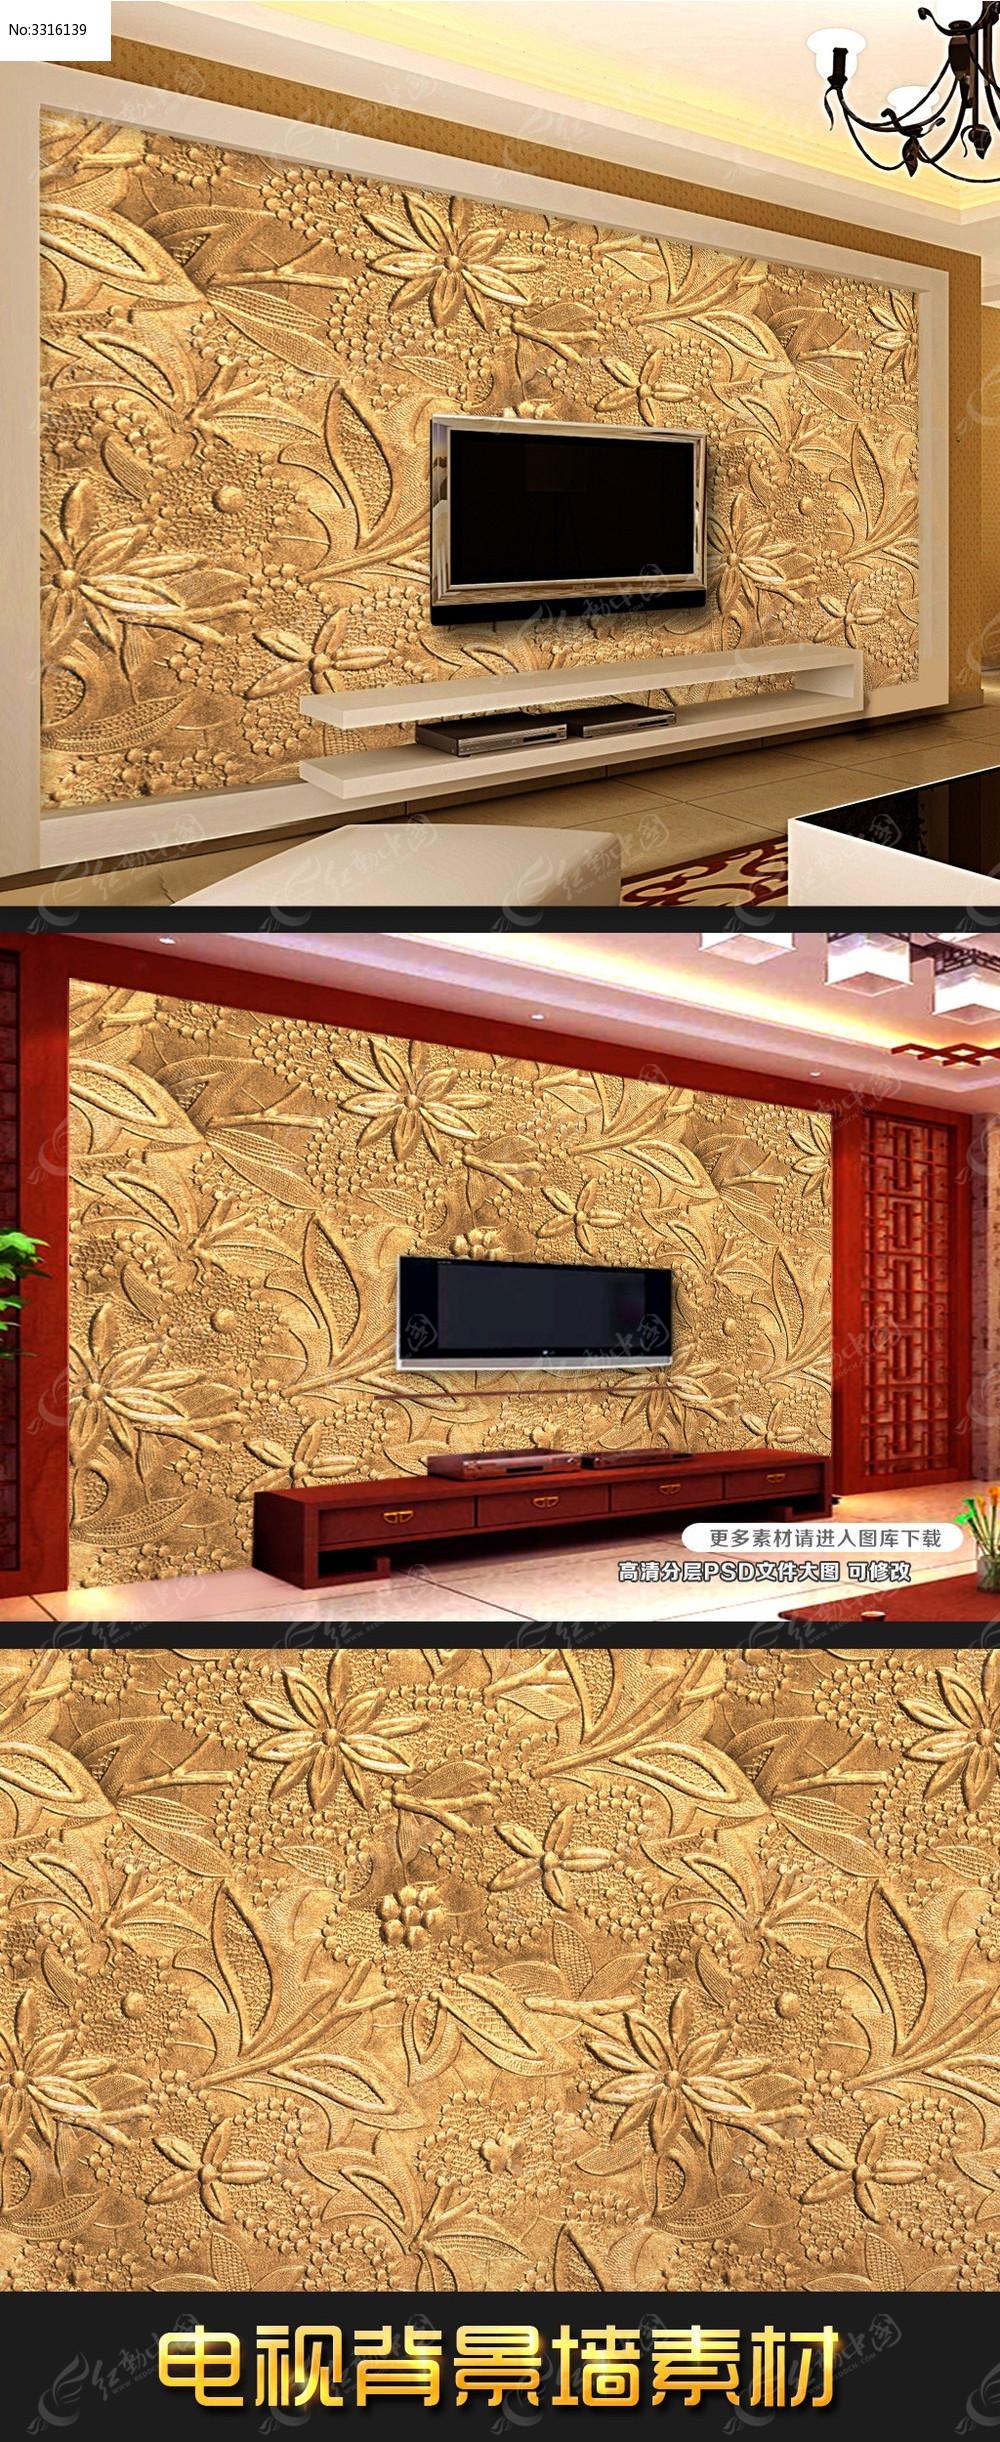 花朵3d立体木雕背景墙装饰画图片